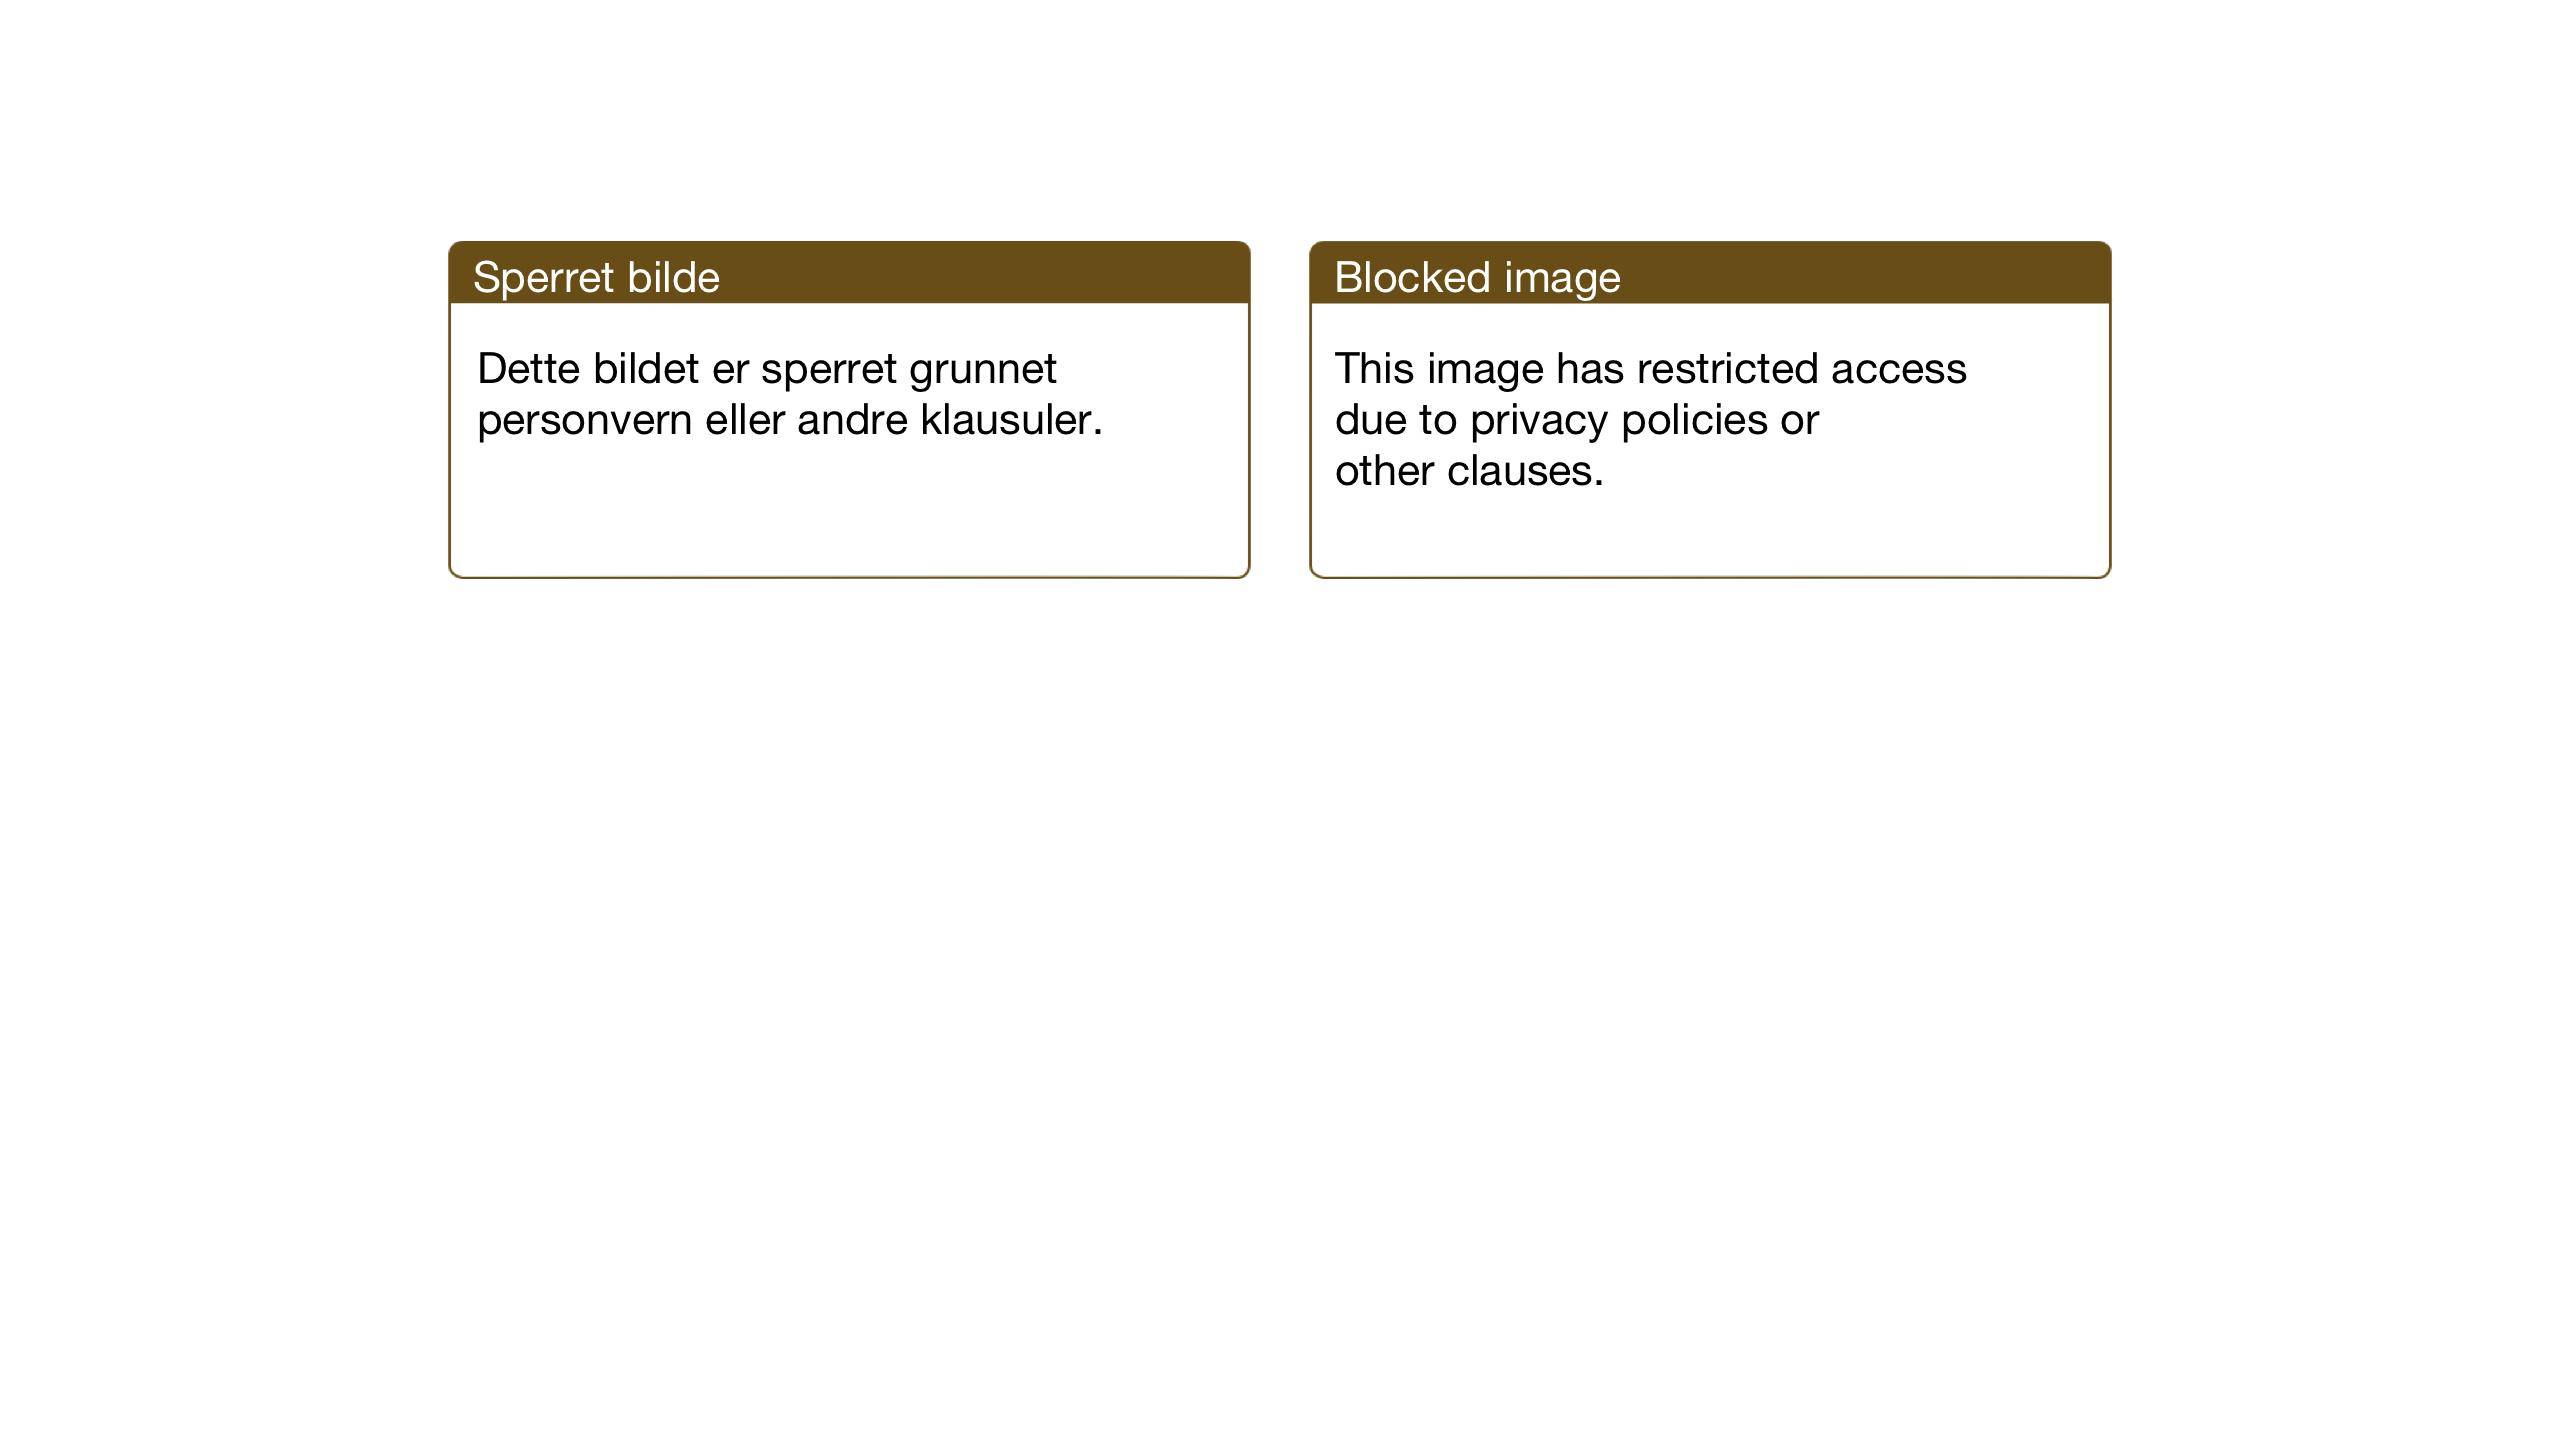 SAT, Ministerialprotokoller, klokkerbøker og fødselsregistre - Sør-Trøndelag, 640/L0590: Klokkerbok nr. 640C07, 1935-1948, s. 158